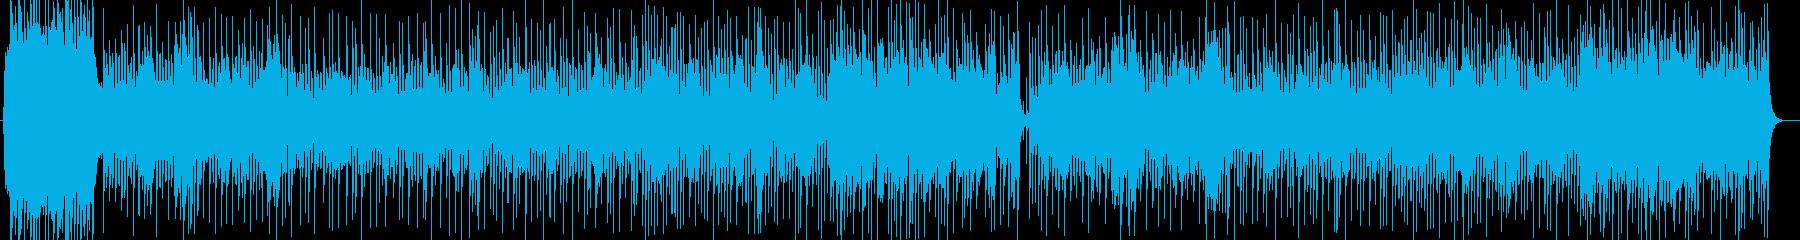 華やかで盛大なシンセサイザーサウンドの再生済みの波形